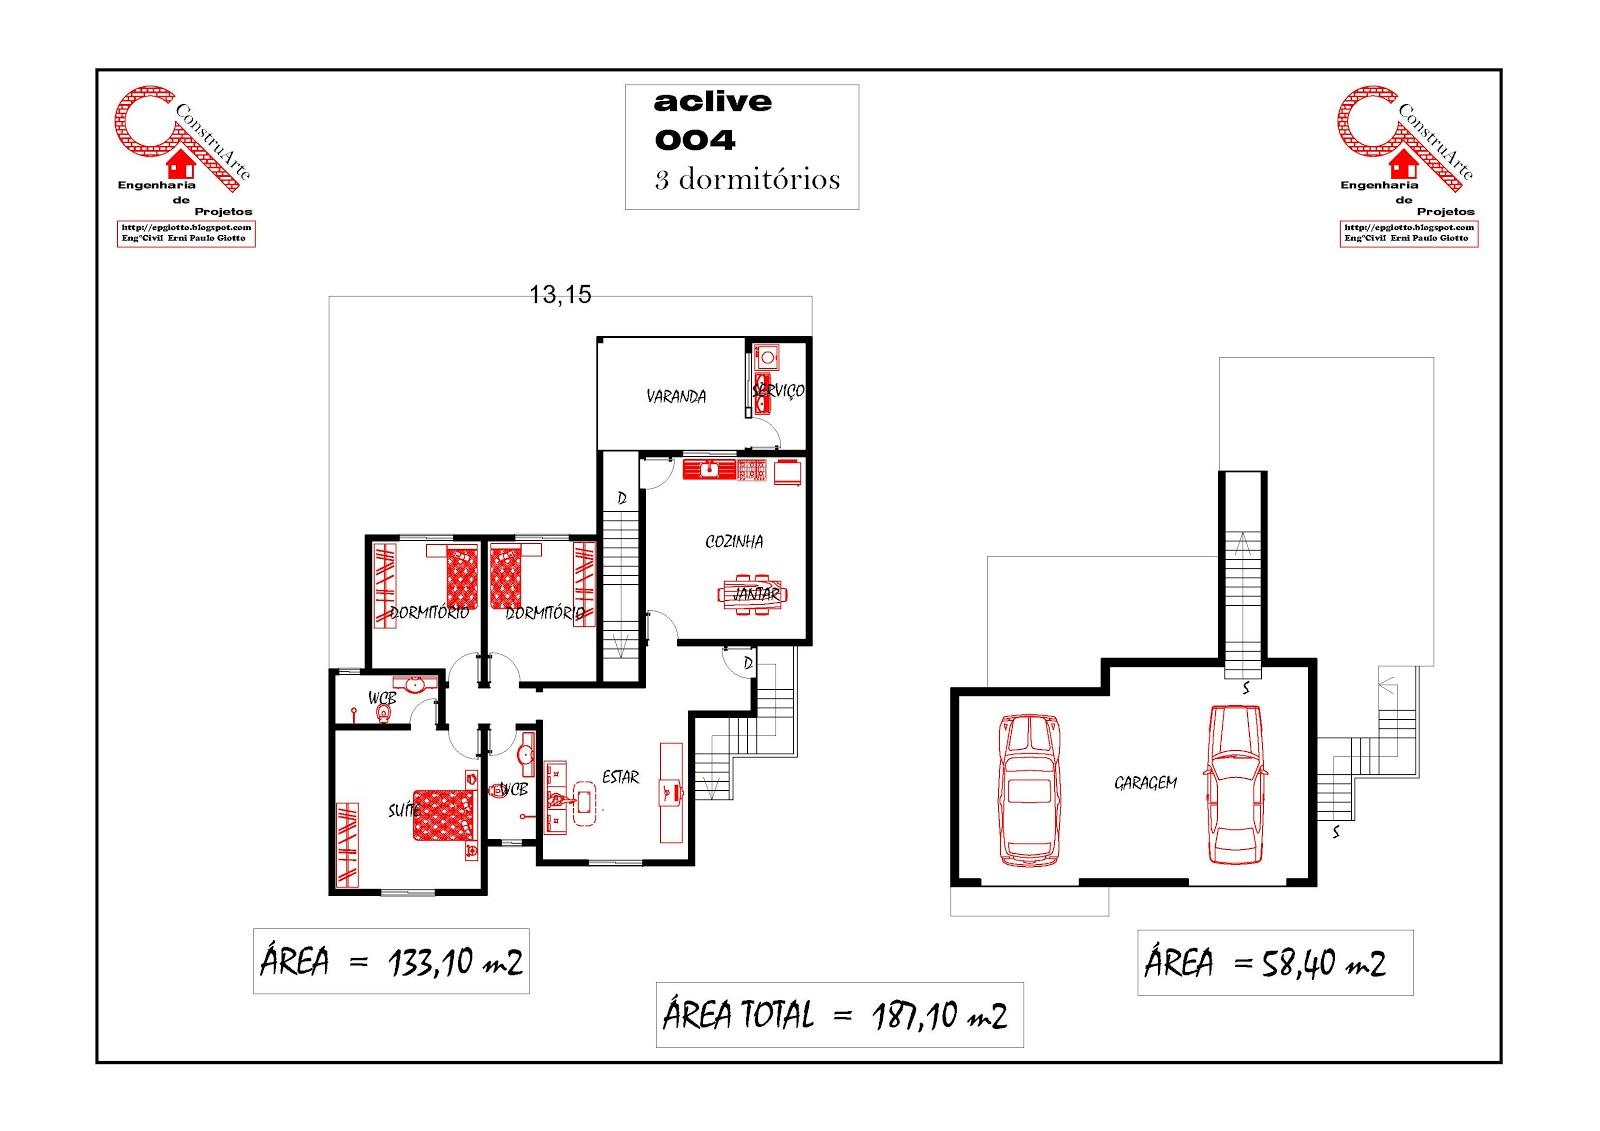 projetos de sobrados com 4 quartos PROJETOS SOBRADOS 4 QUARTOS  #B11B1A 1600 1131